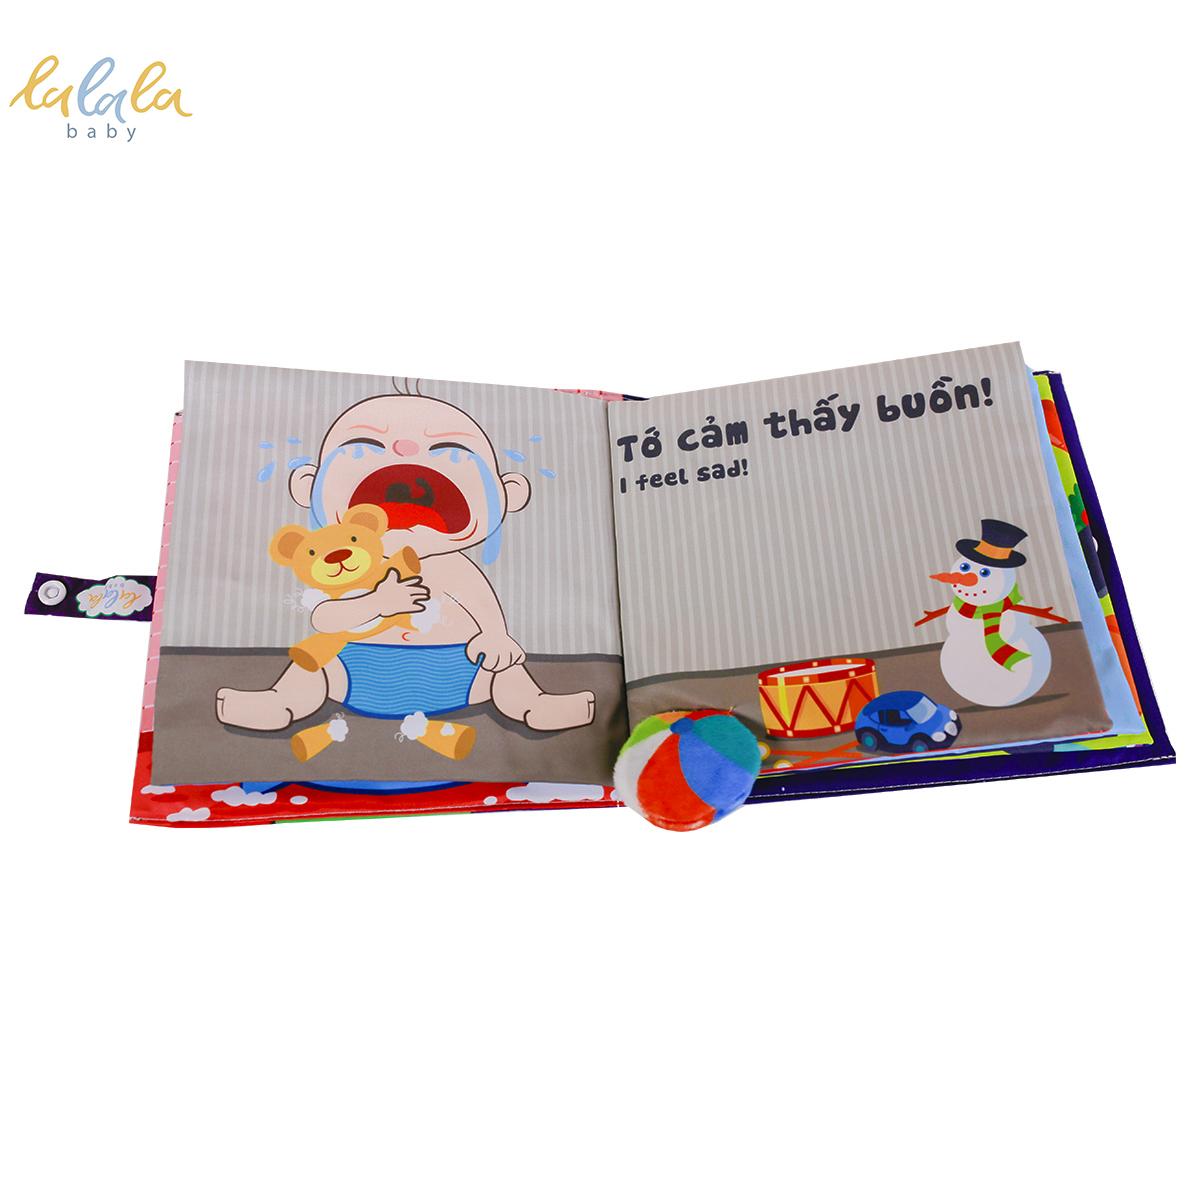 Sách vải Song ngữ Bé cảm thấy thế nào kích thước 18x18cm, Sách vải tương tác sột soạt thú vị, Bé phát triển đa giác quan. CHÍNH HÃNG. Dành cho bé từ 0-3 tuổi